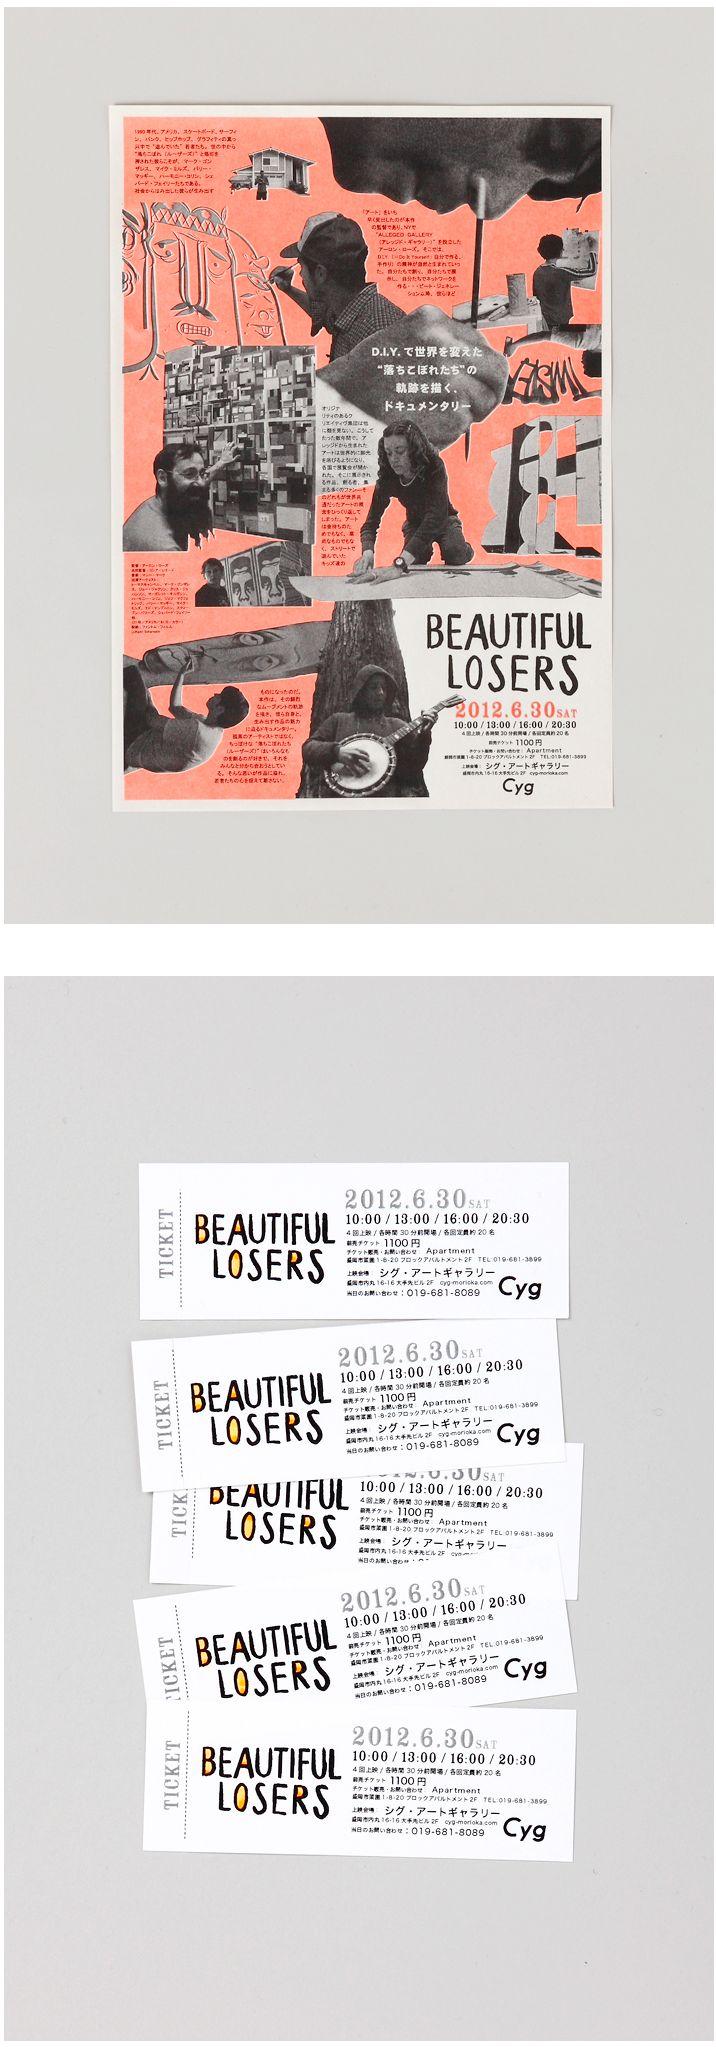 映画「BEAUTIFUL LOSERS」上映会フライヤー・チケット | homesickdesign